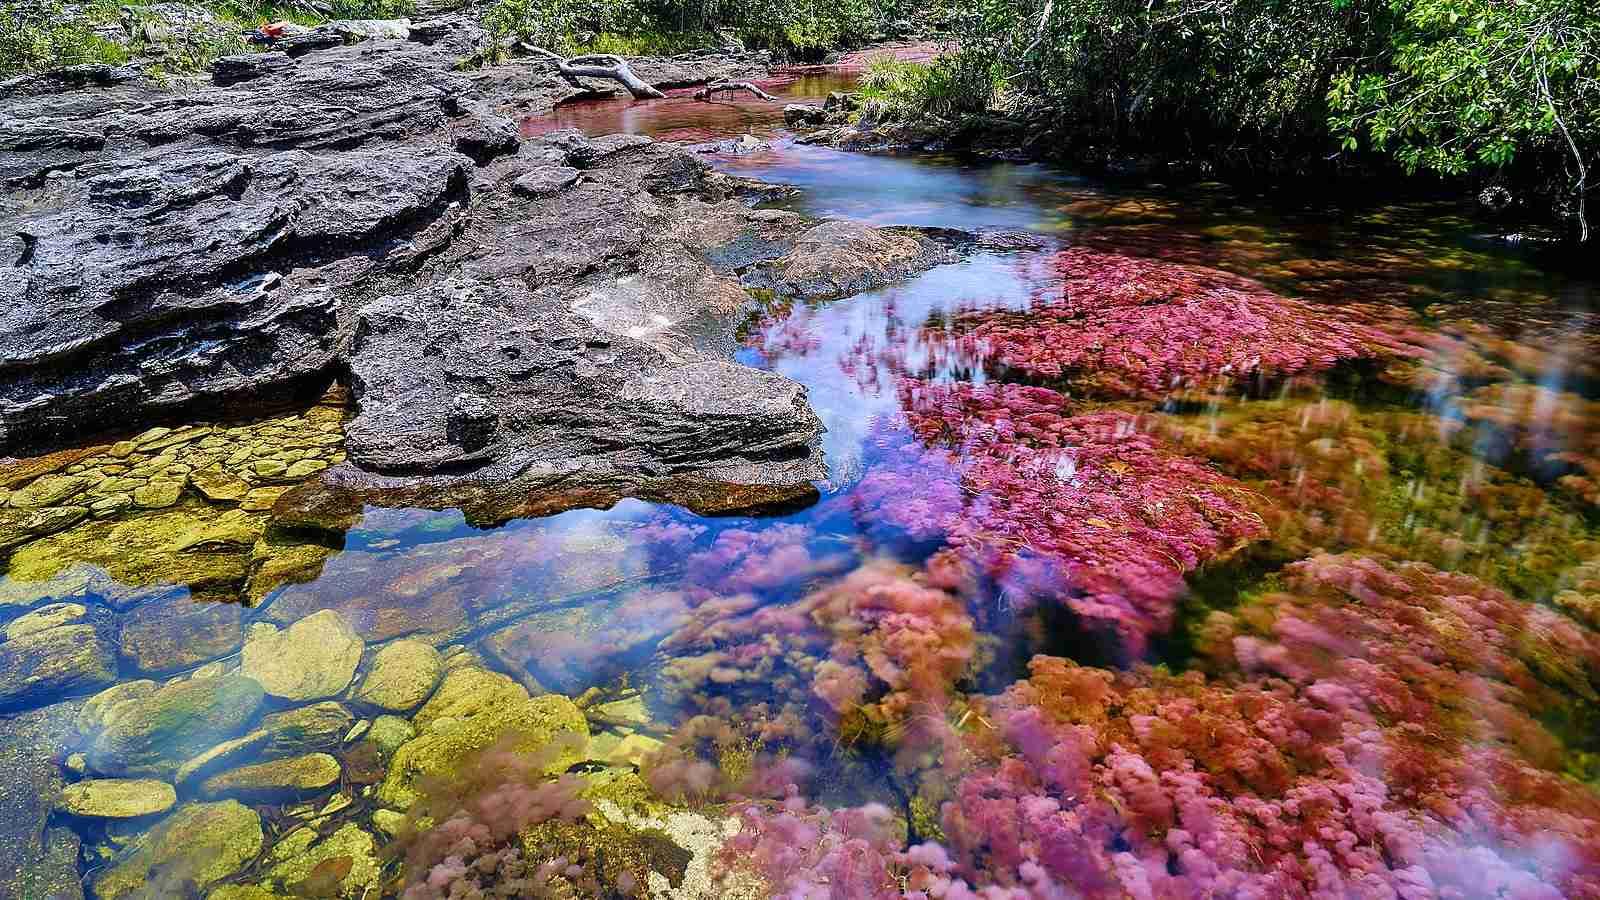 Na Colômbia é um rio que se torna um arco-íris quando a estação está certa